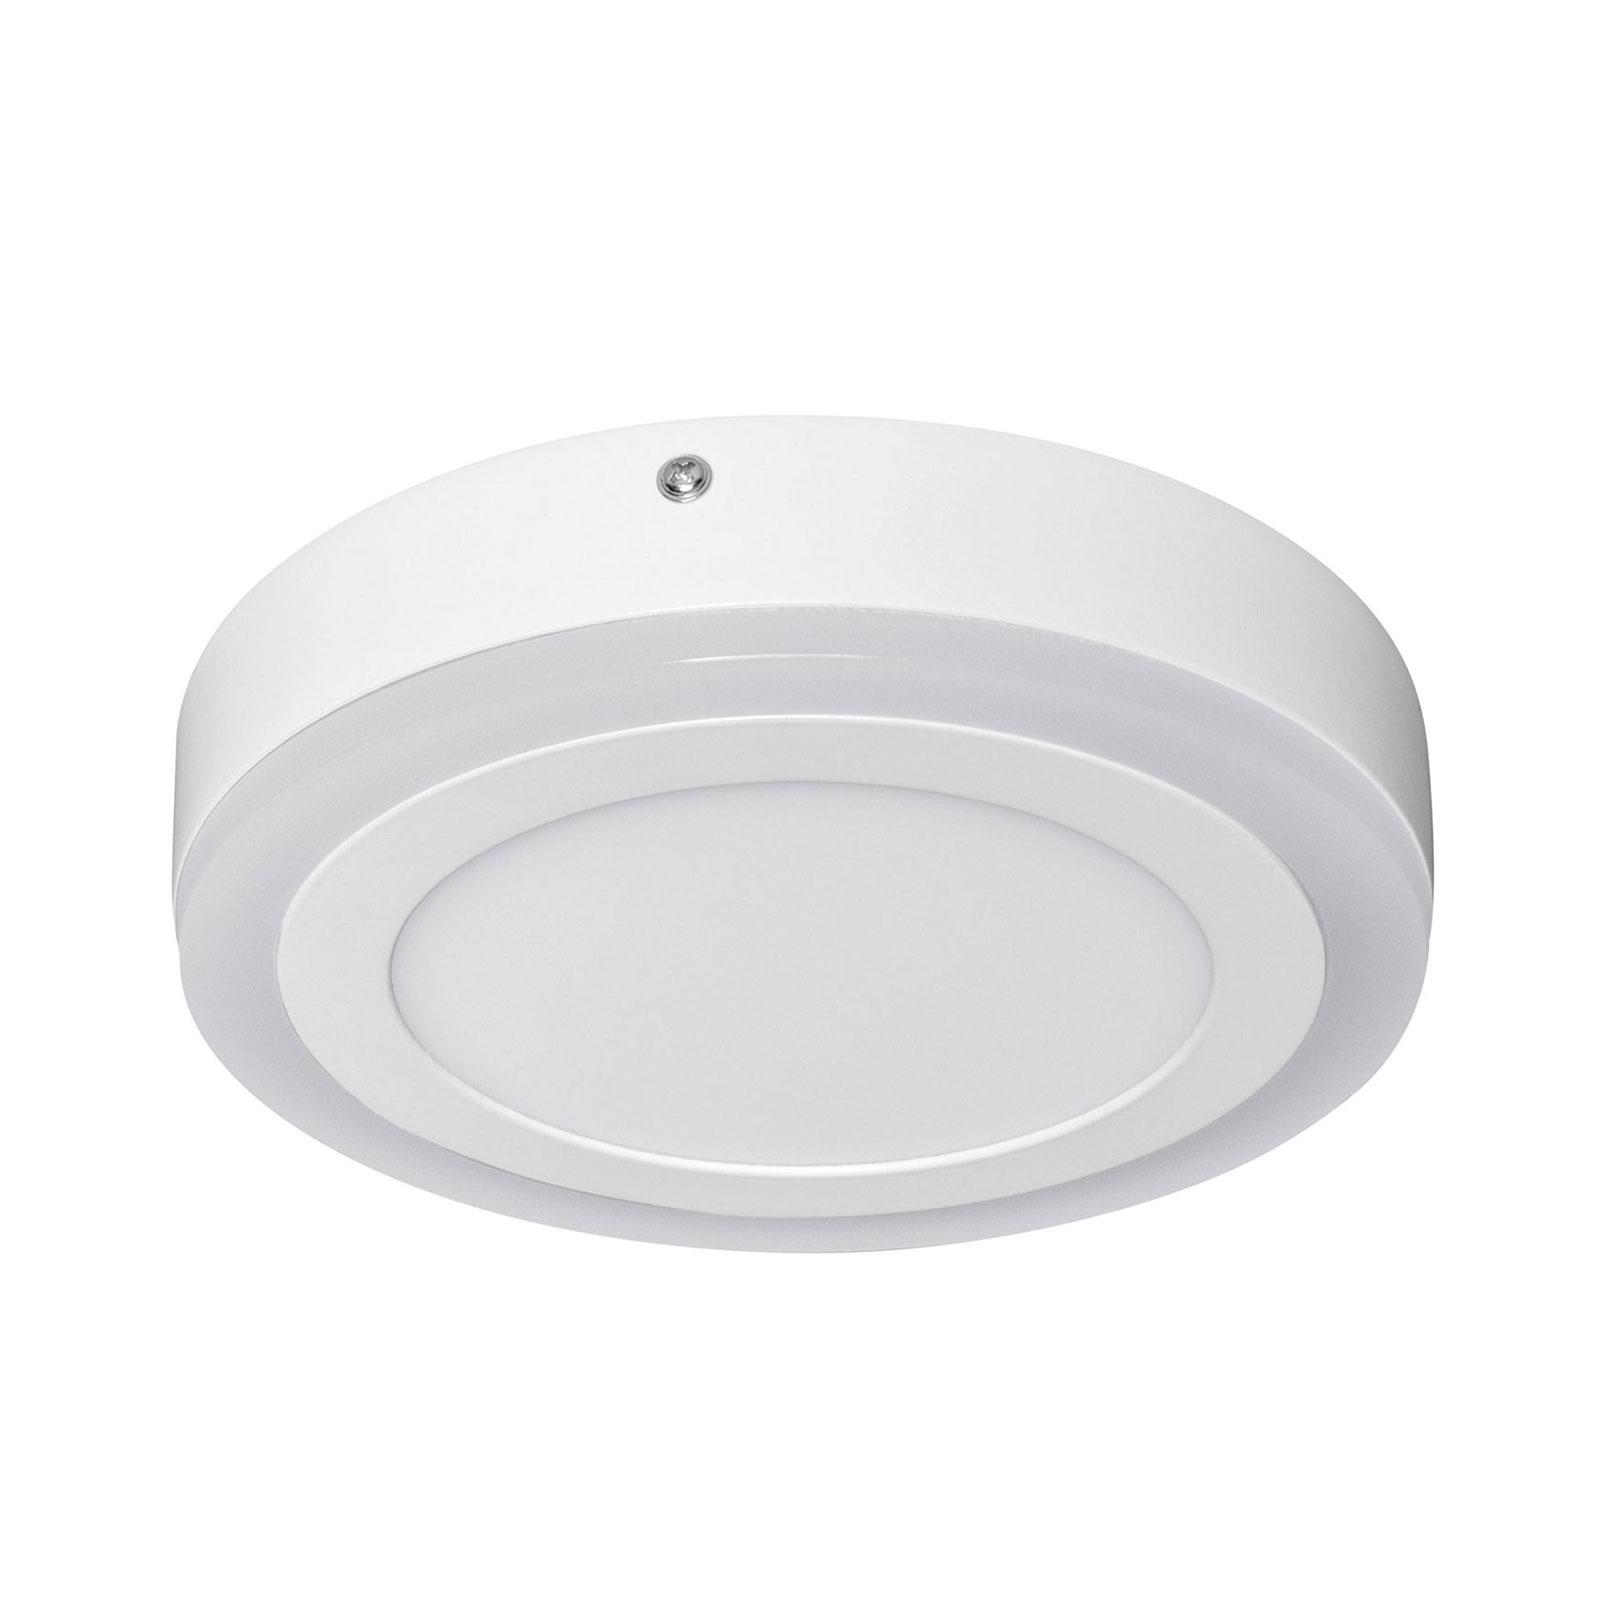 LEDVANCE LED Click White Round lampa sufitowa 20cm